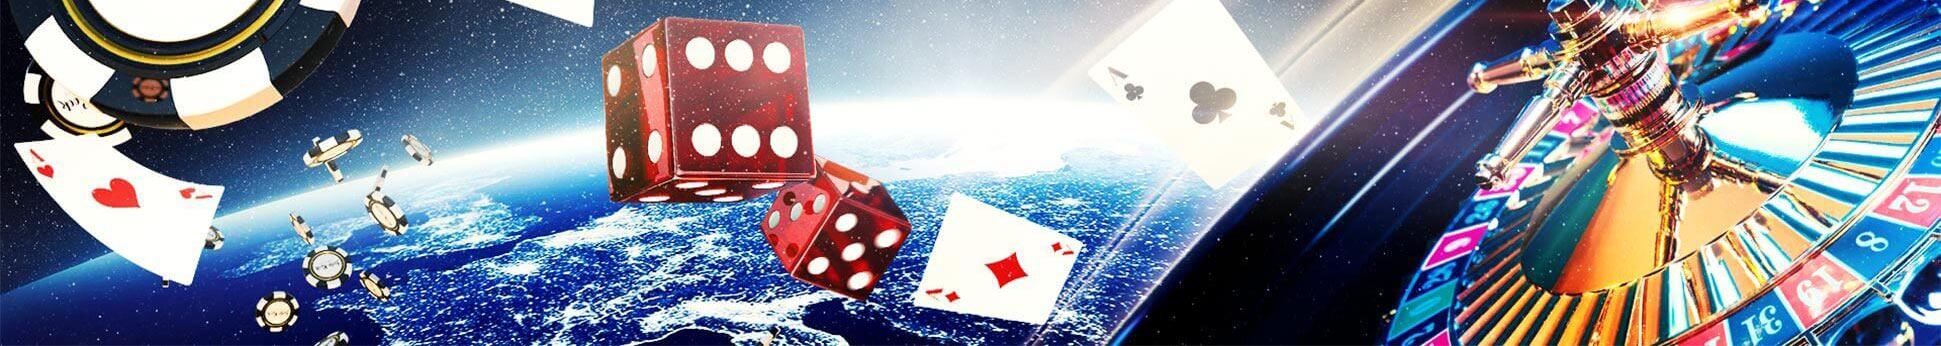 Онлайн казино entertainment играть в карты желание